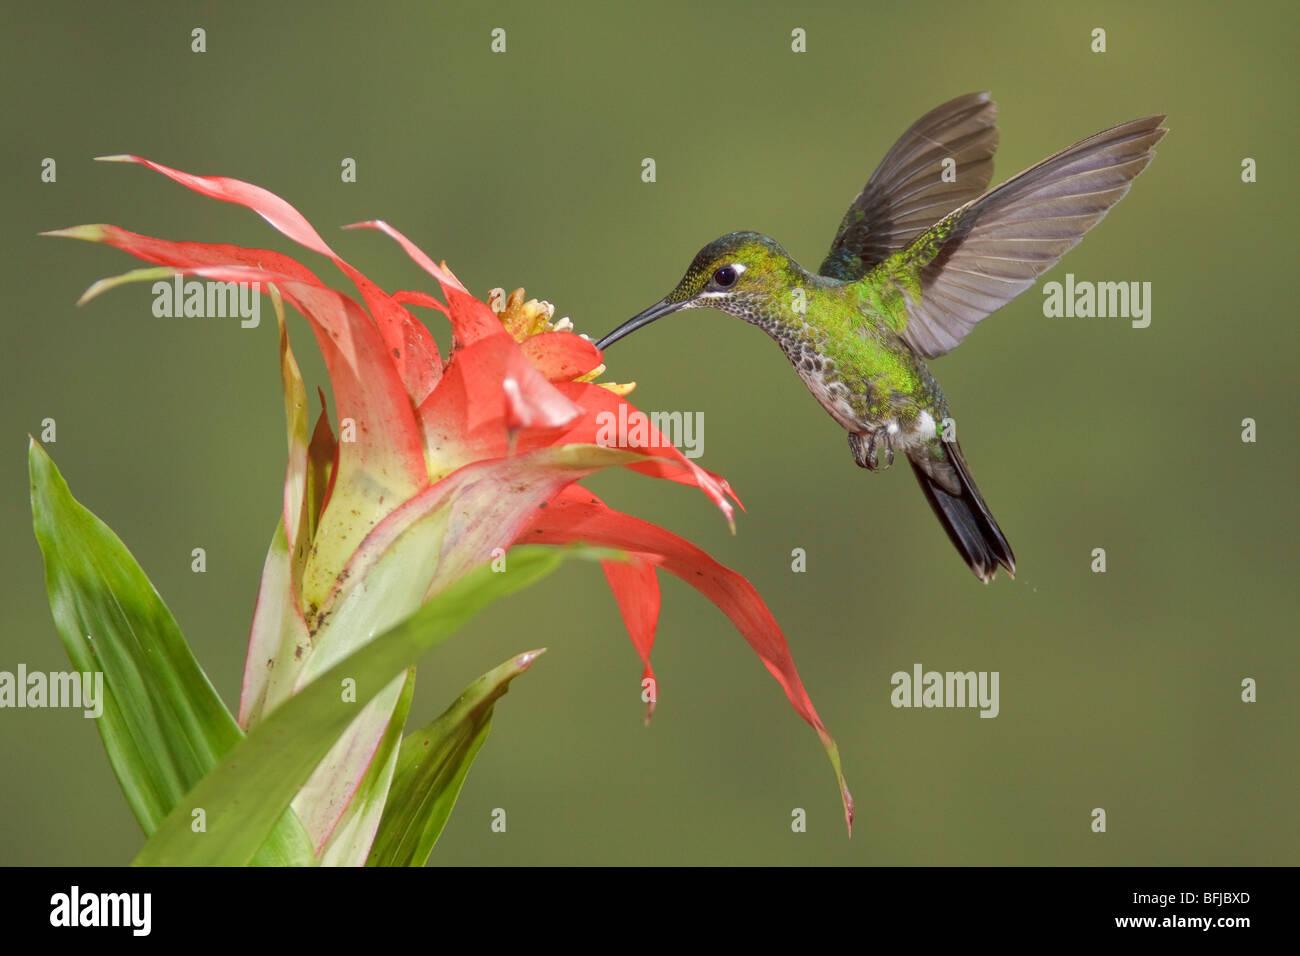 Grün-gekrönter brillant (Heliodoxa Jacula) Fütterung auf eine Blume während des Fluges in der Stockbild